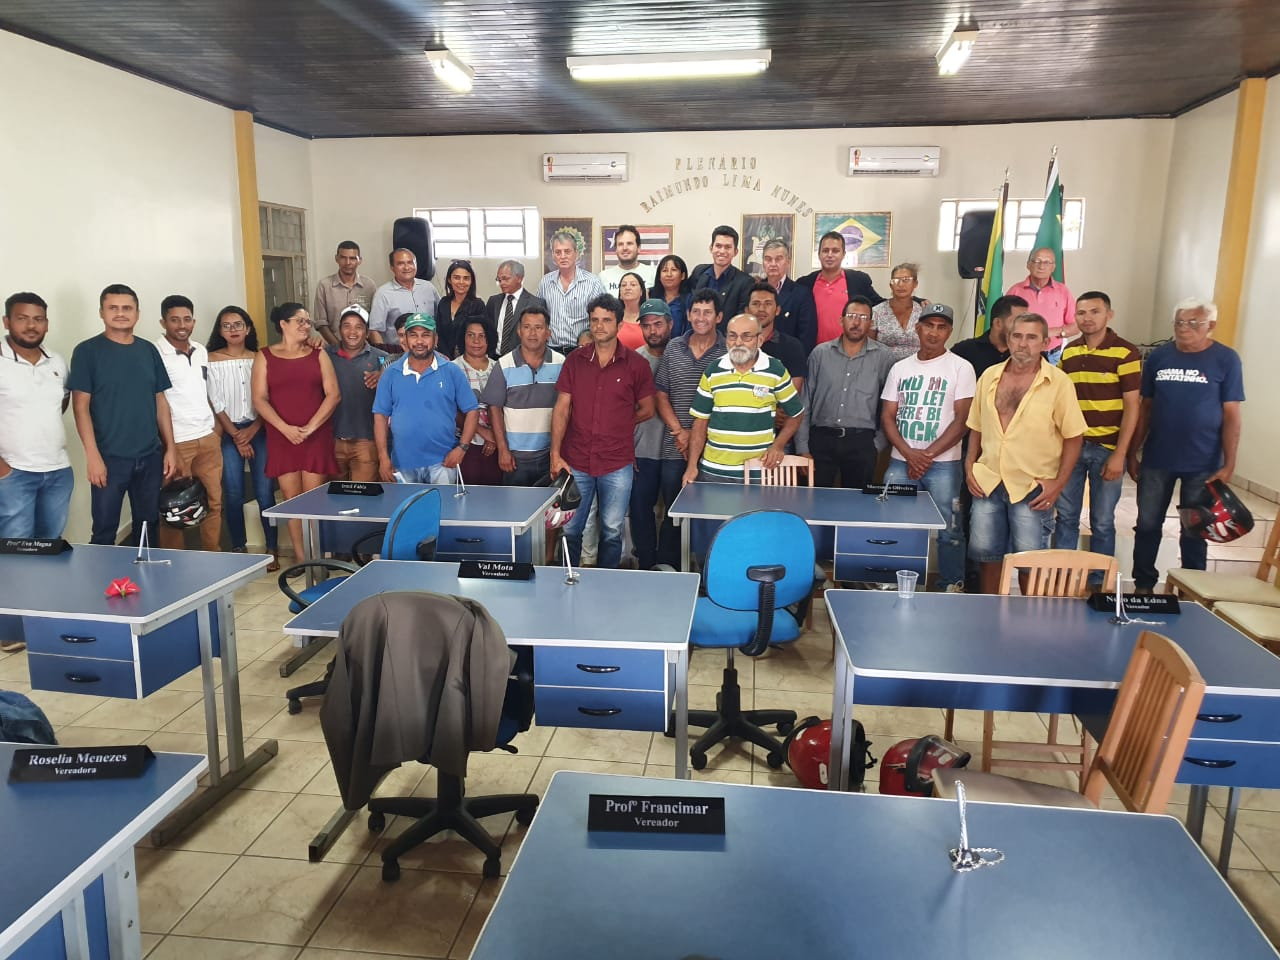 Fábrica de biodiesel se instala em João Lisboa